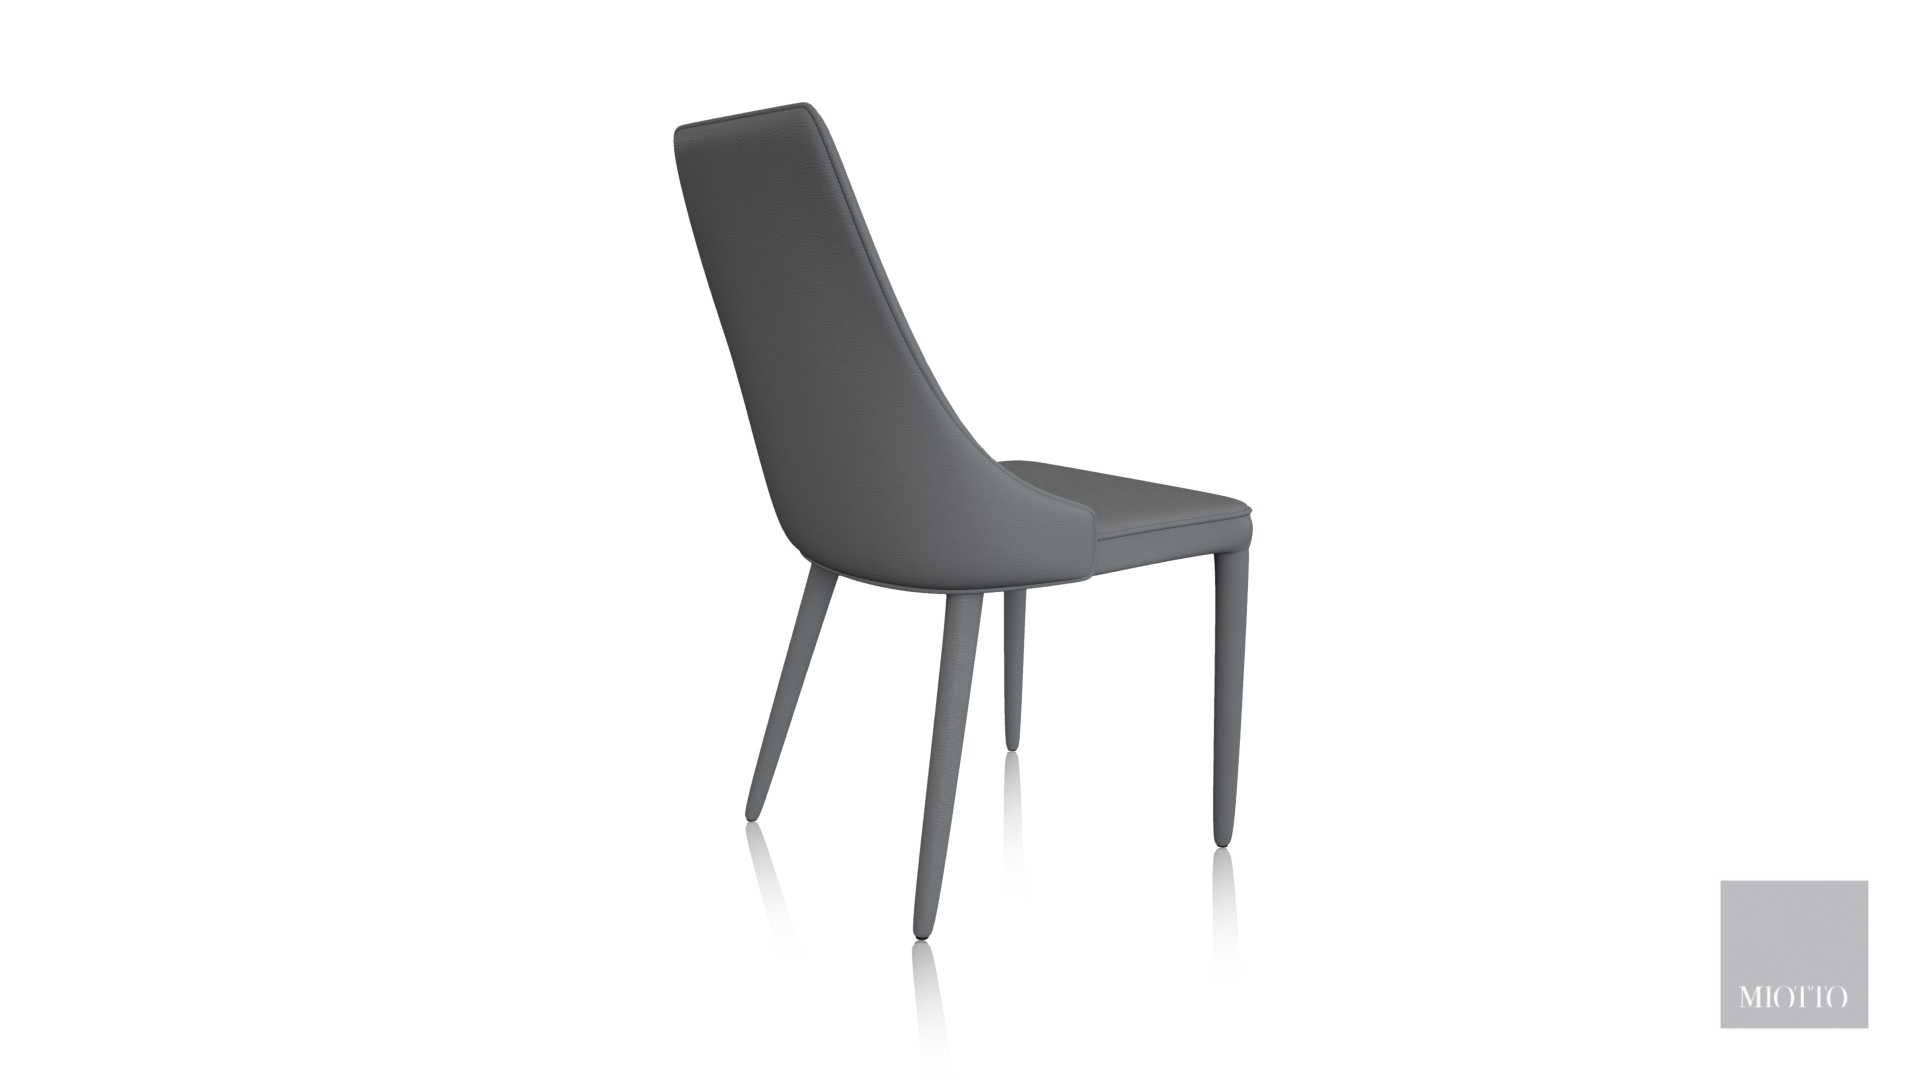 miotto_maino DC dark grey T back miotto design furniture